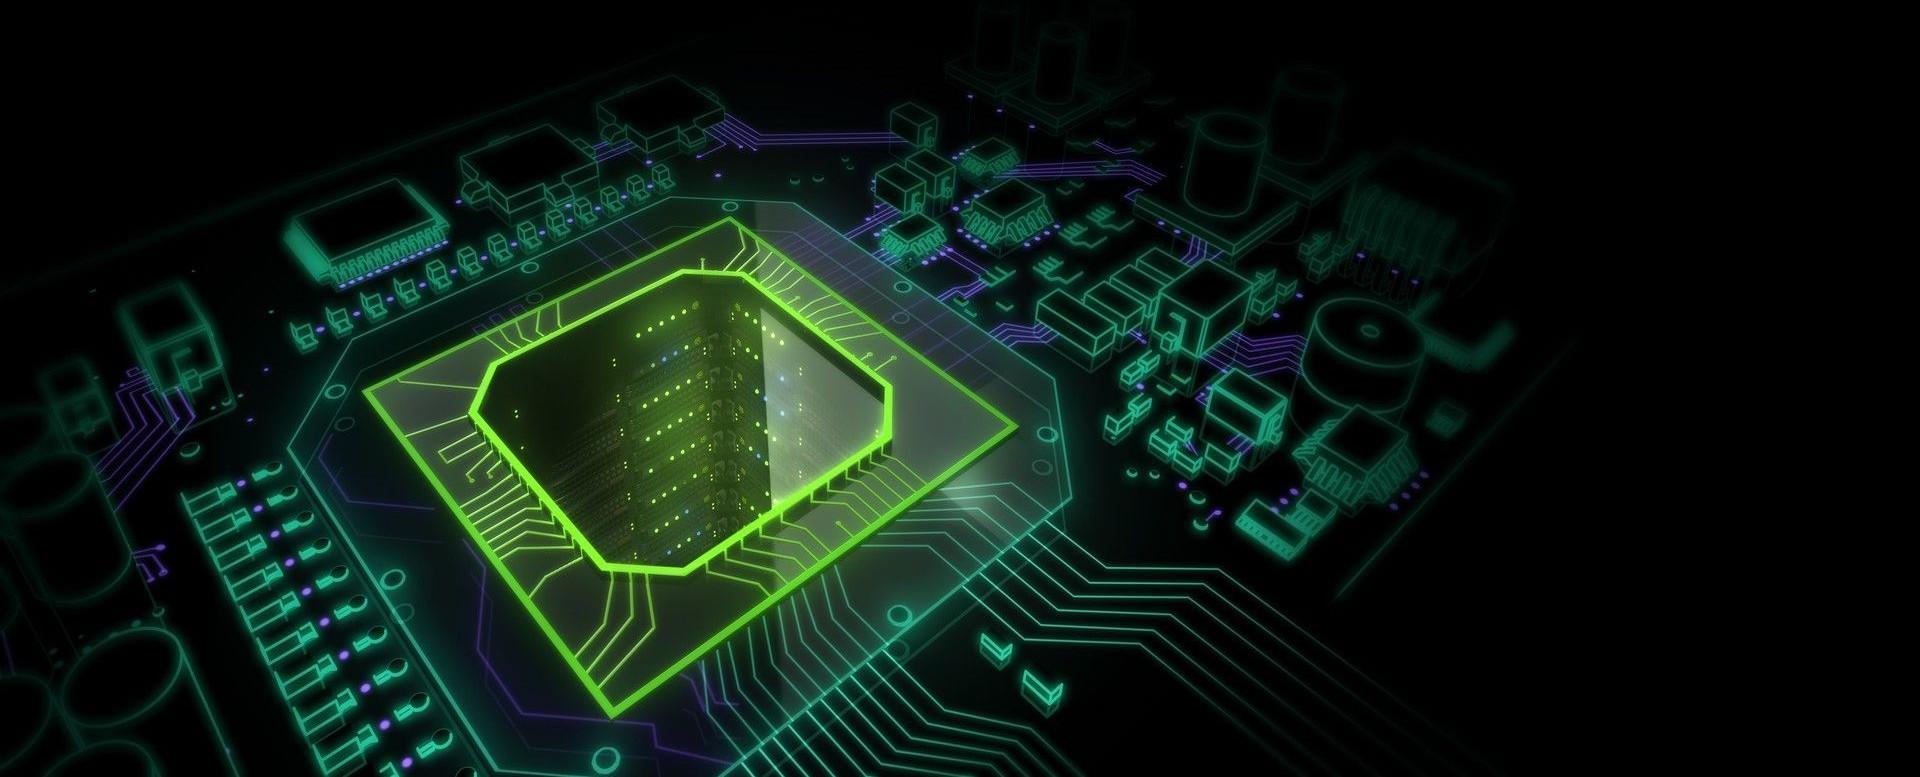 Circuit board desktop wallpaper wallpapersafari - Circuit board wallpaper android ...